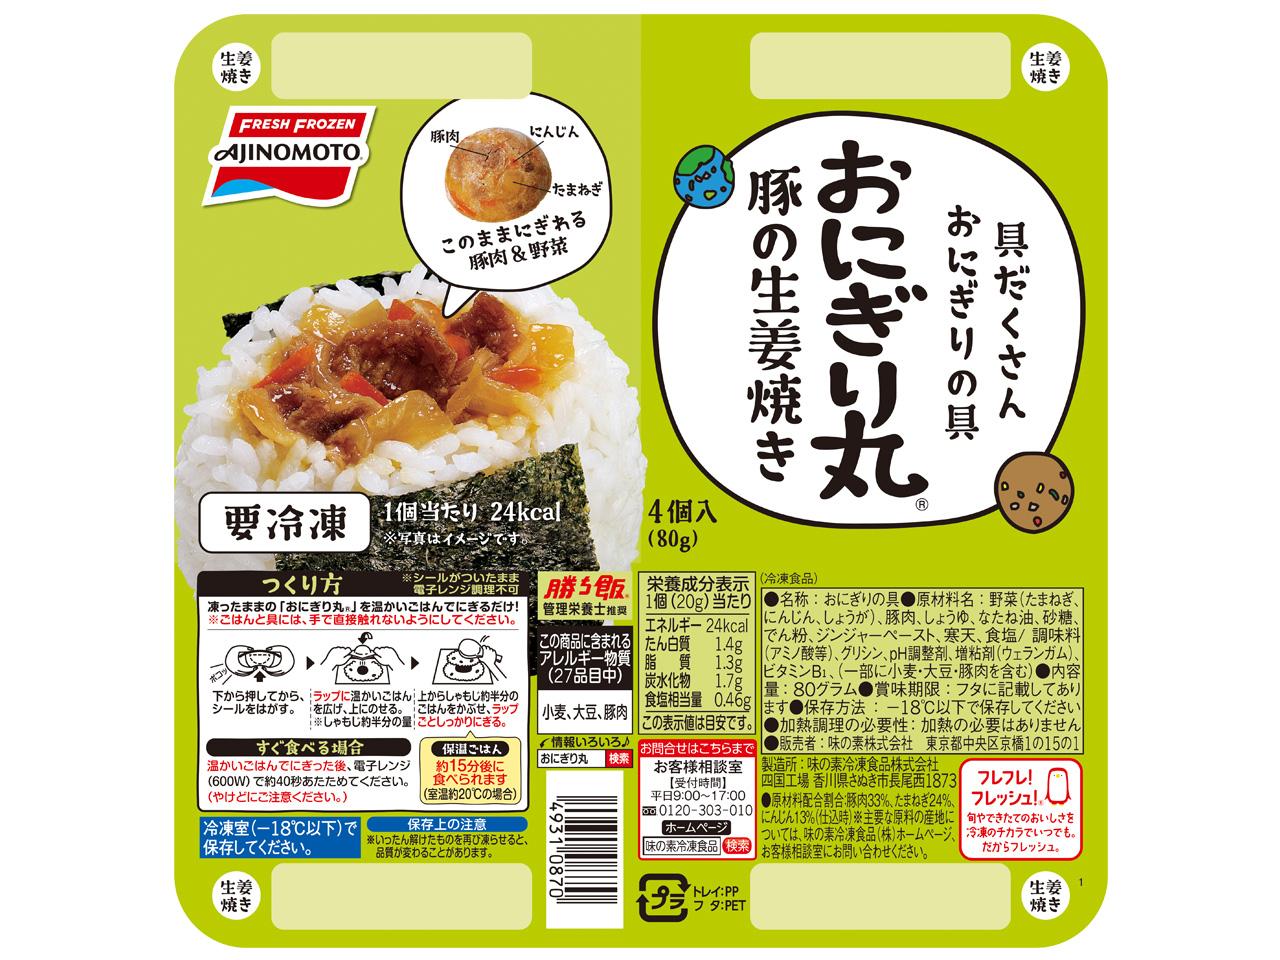 冷凍おにぎりの具「おにぎり丸®」 新商品は人気投票1位の「豚の生姜焼き」